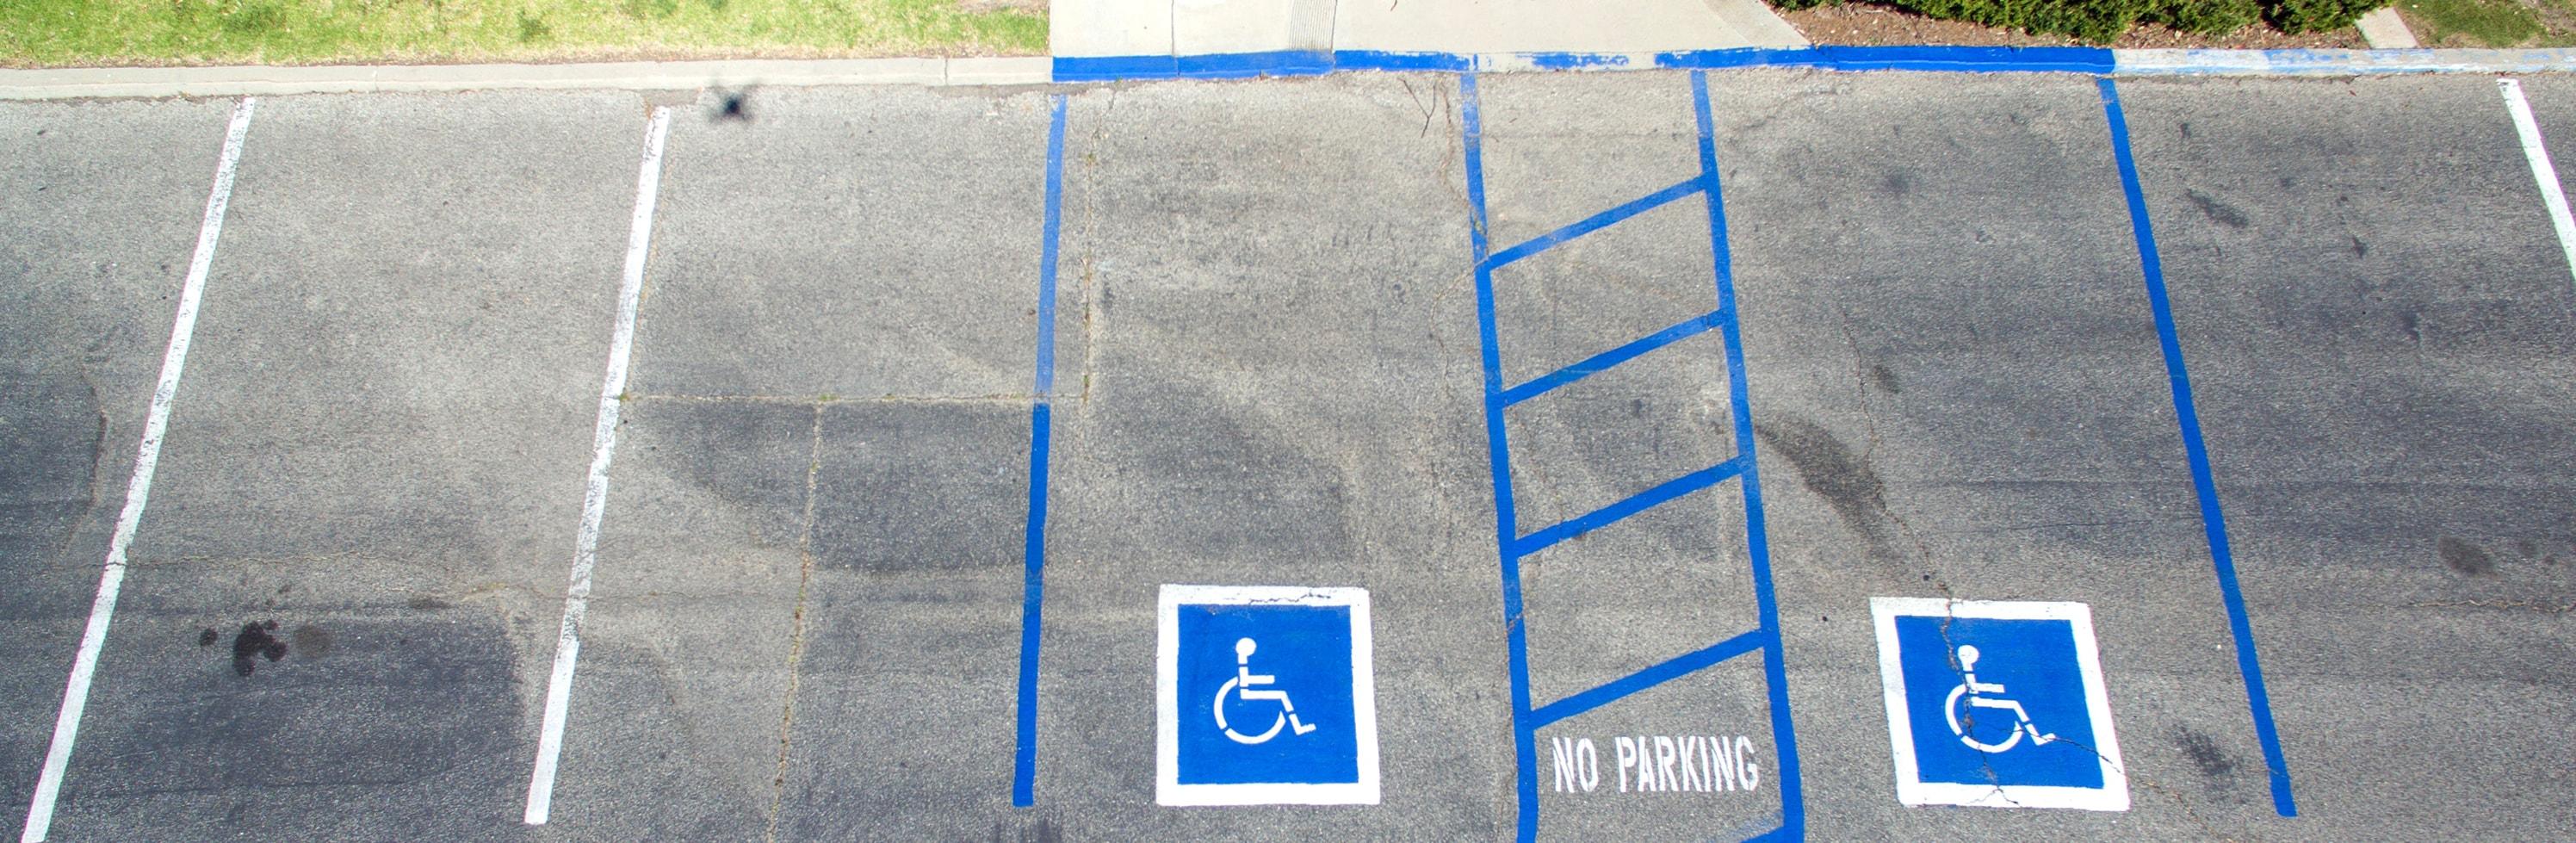 place_handicape